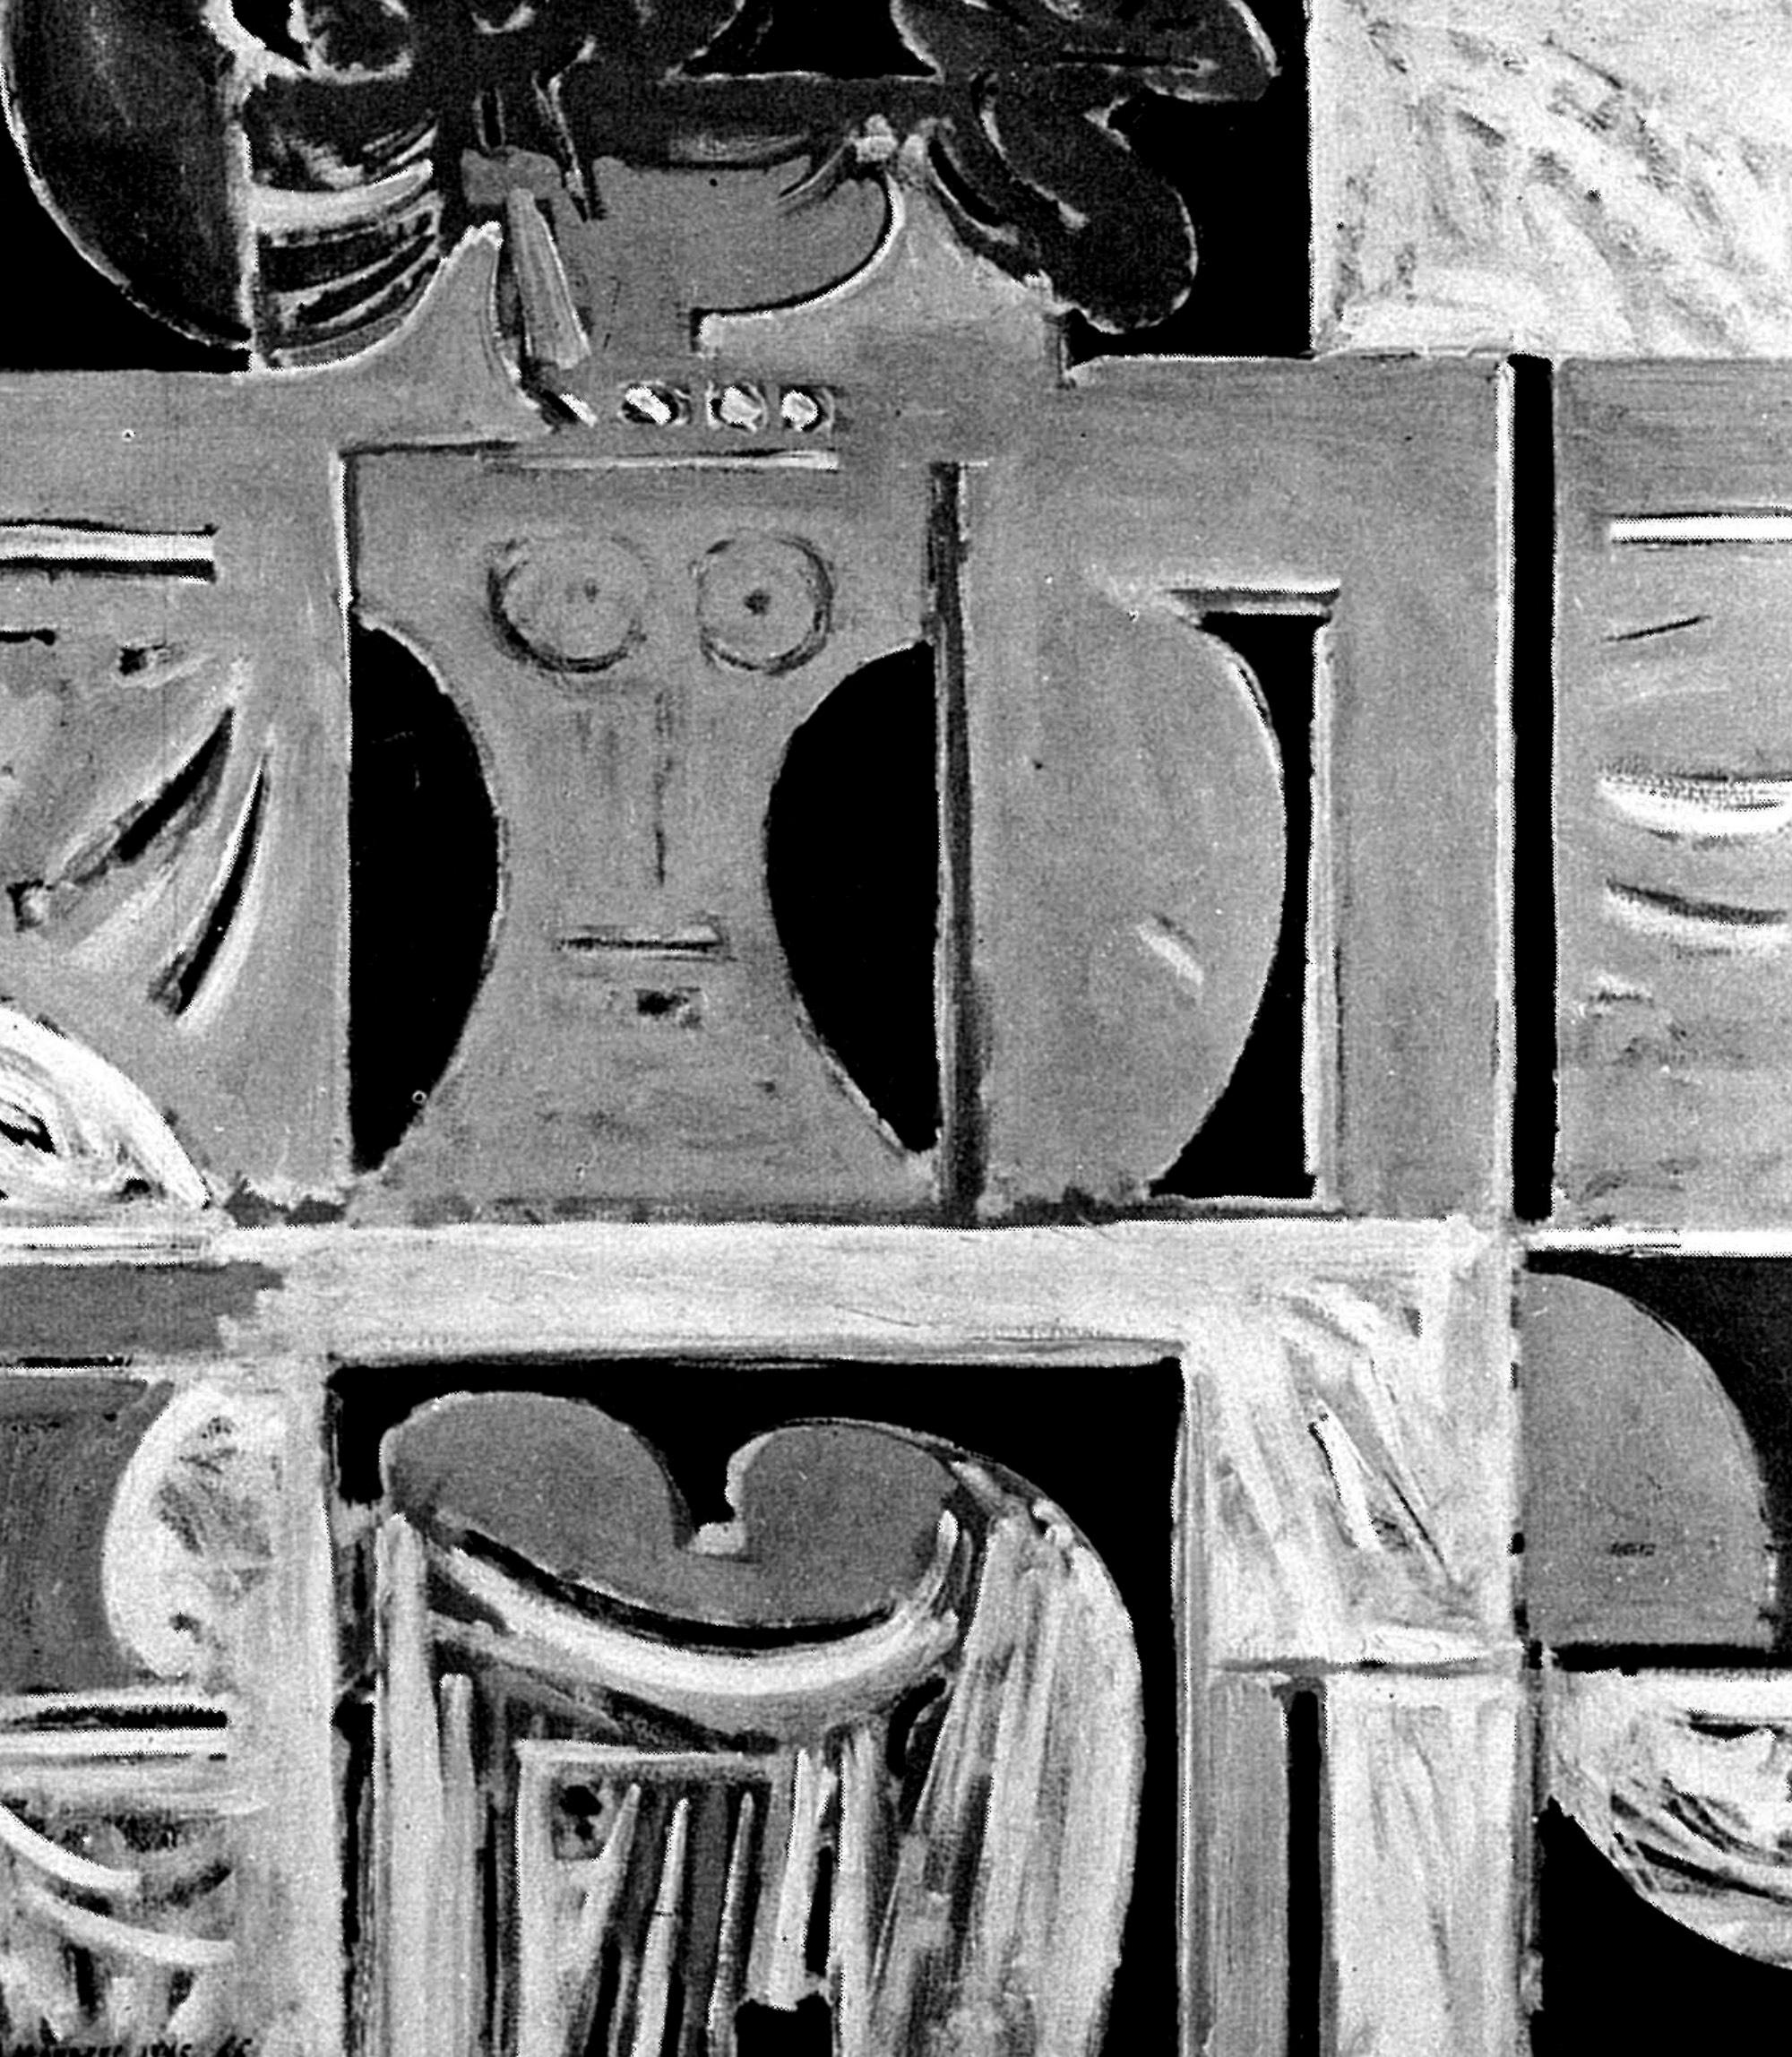 Ελληνική Τέχνη 1945-1970. Μια κριτική ανασκόπηση